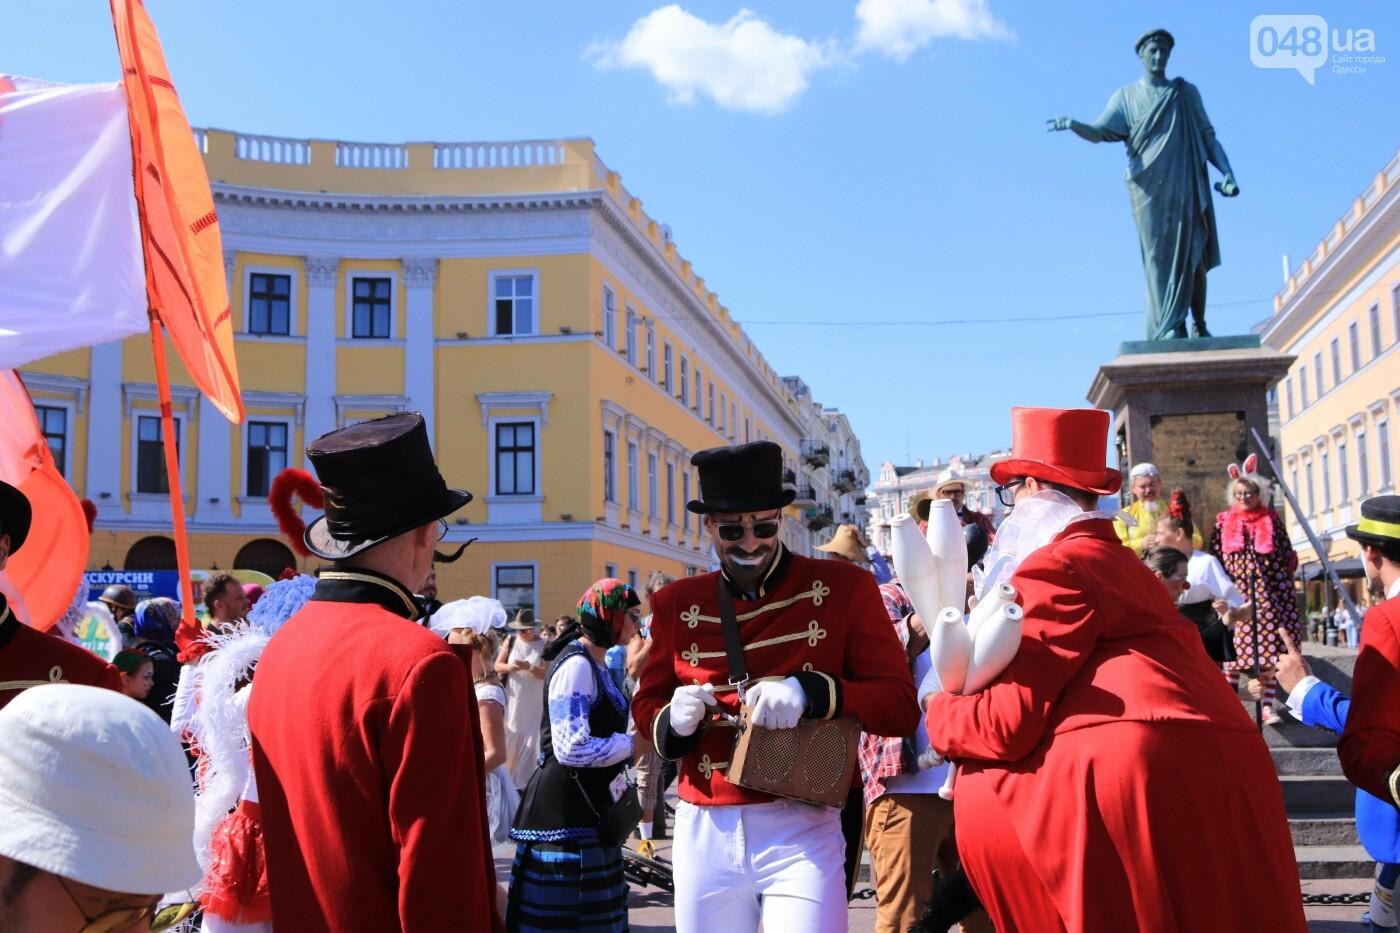 Парад клоунов в Одессе: яркая колонна шла от Дюка в Горсад, - ФОТО, ВИДЕО, СТРИМ, фото-2